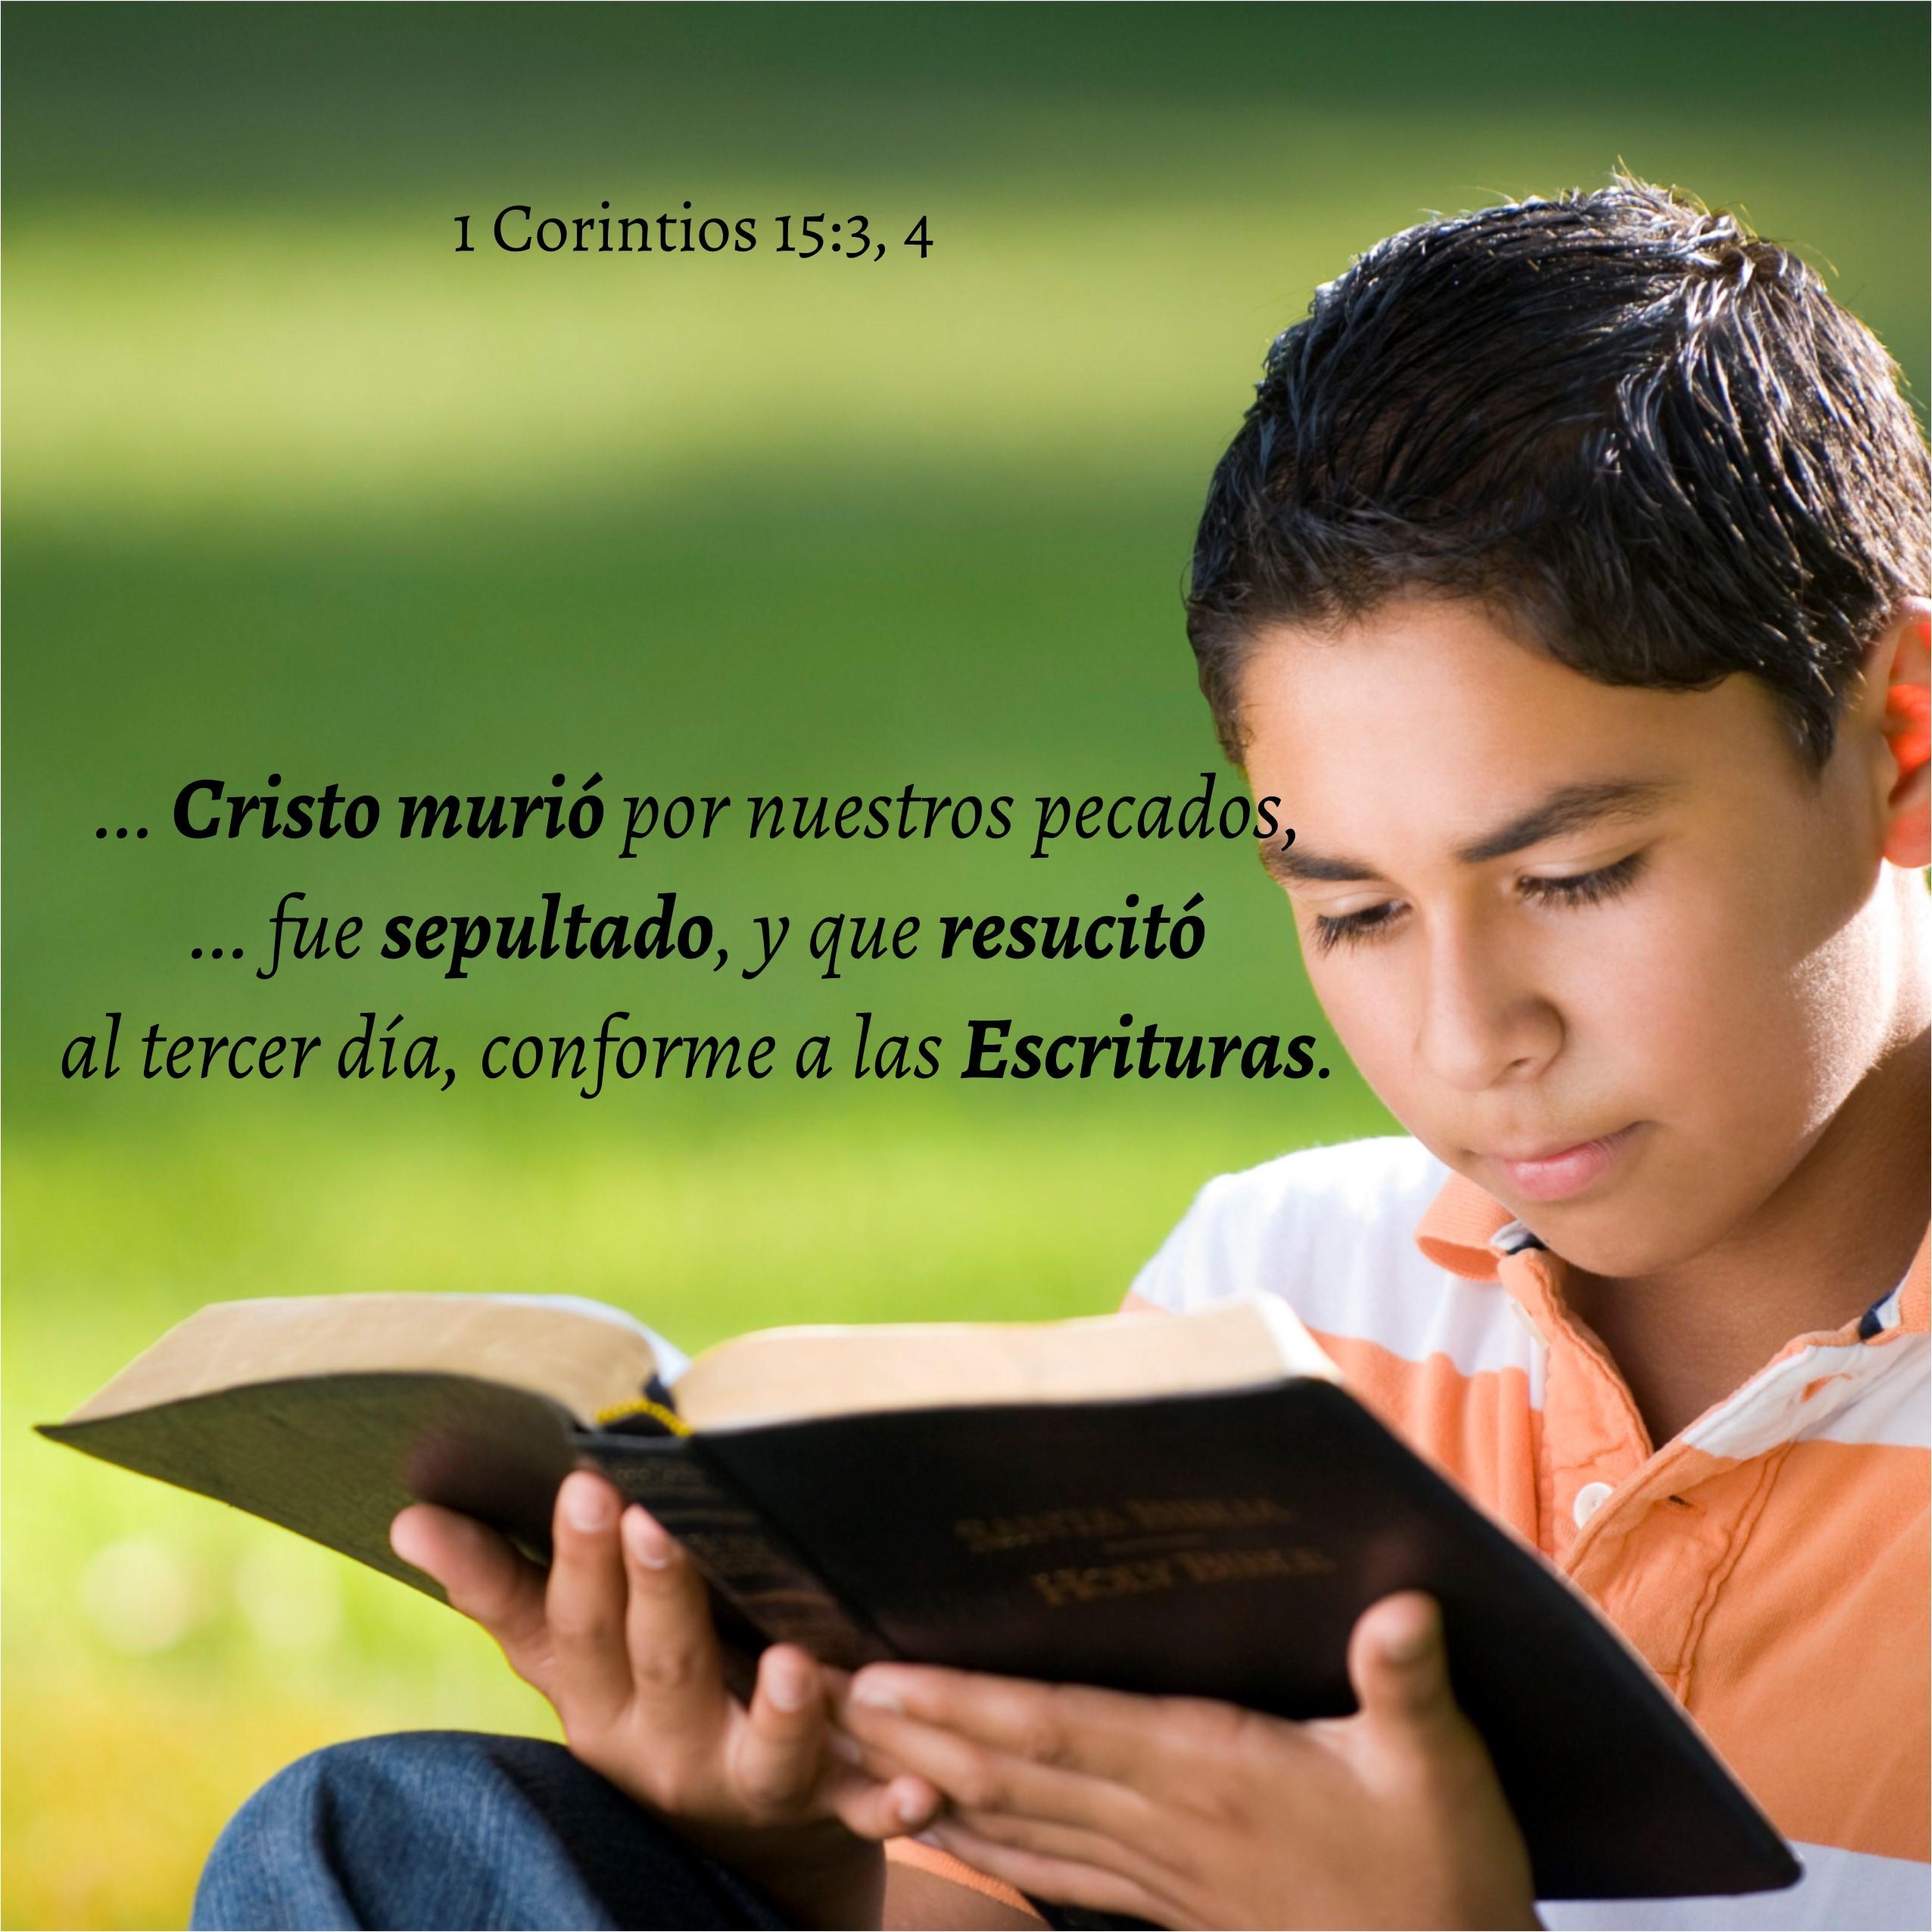 1 Corintios 15.3, 4 Anexo